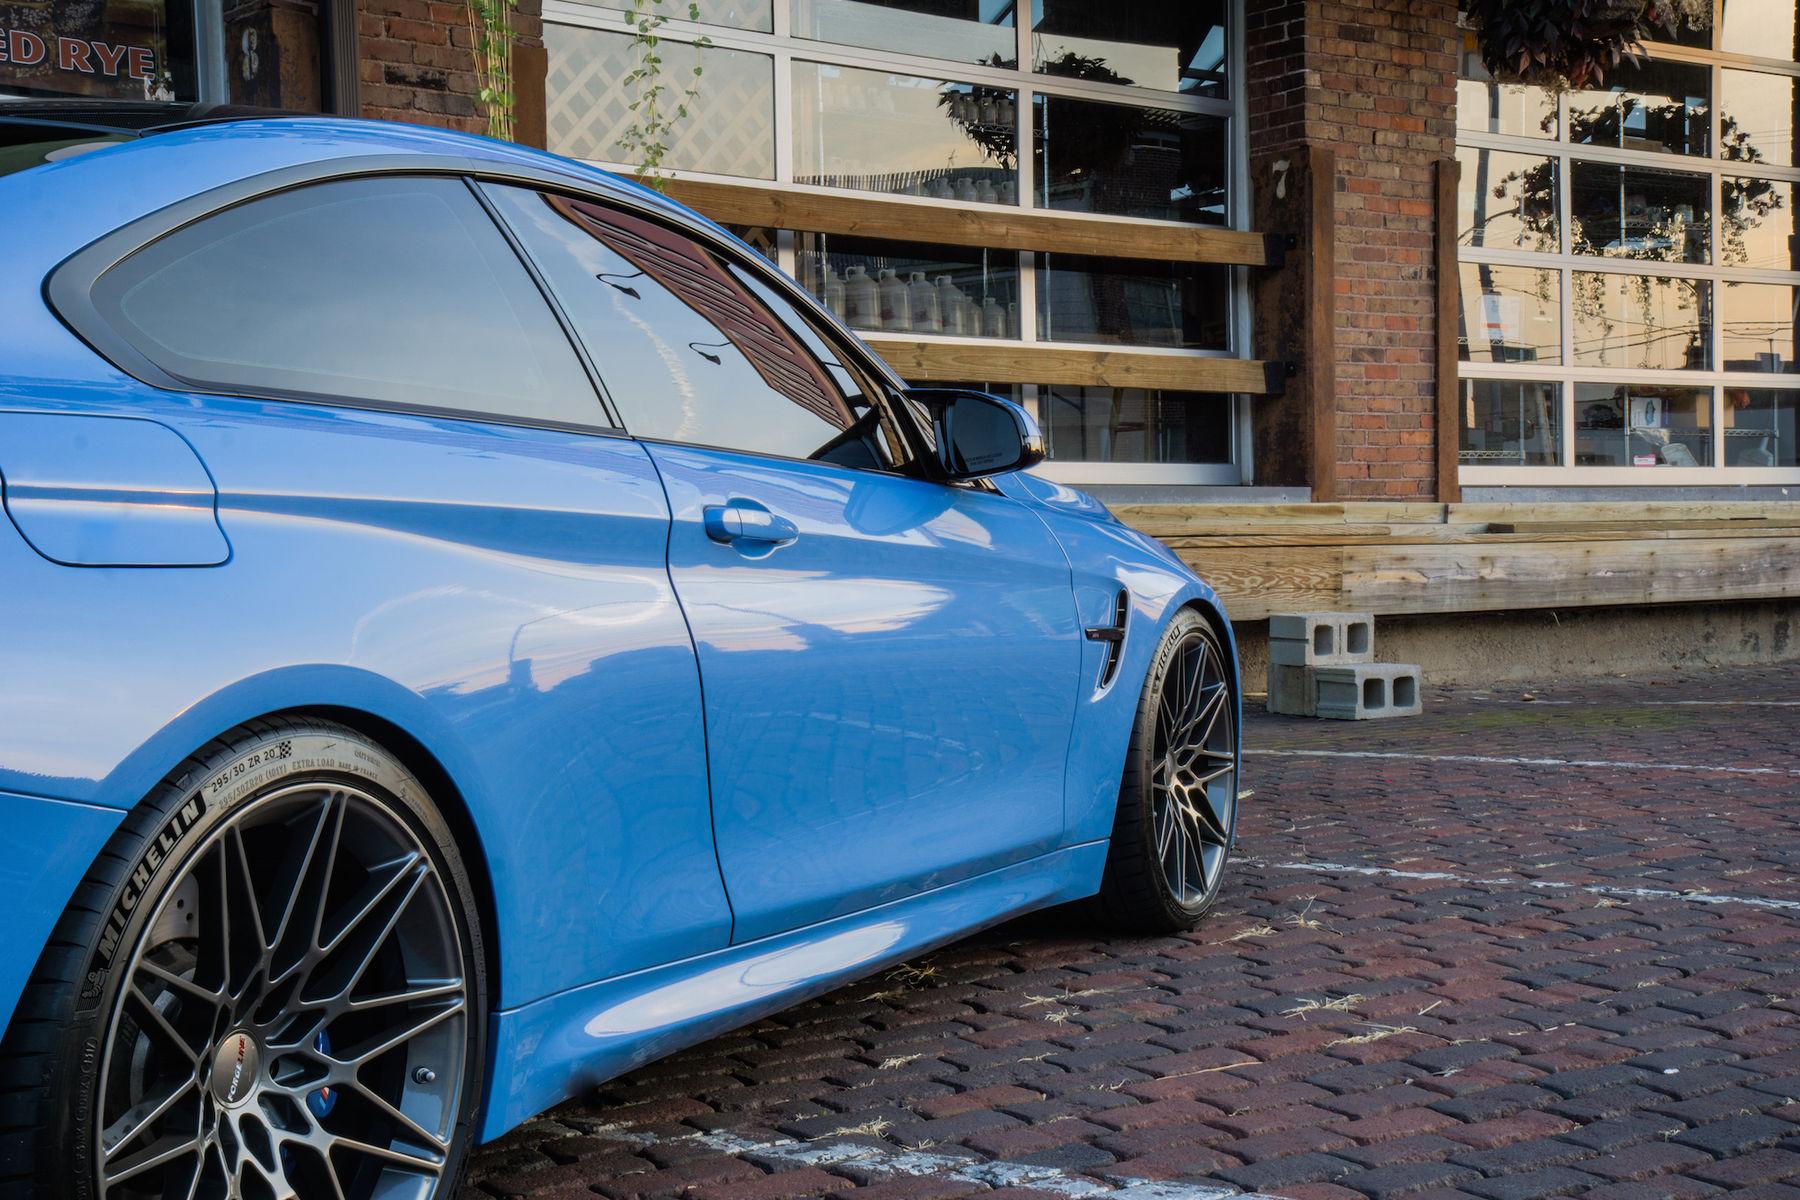 2017 BMW M4 | Travis Collette's F82 BMW M4 on Forgeline One Piece Forged Monoblock MT1 Wheels